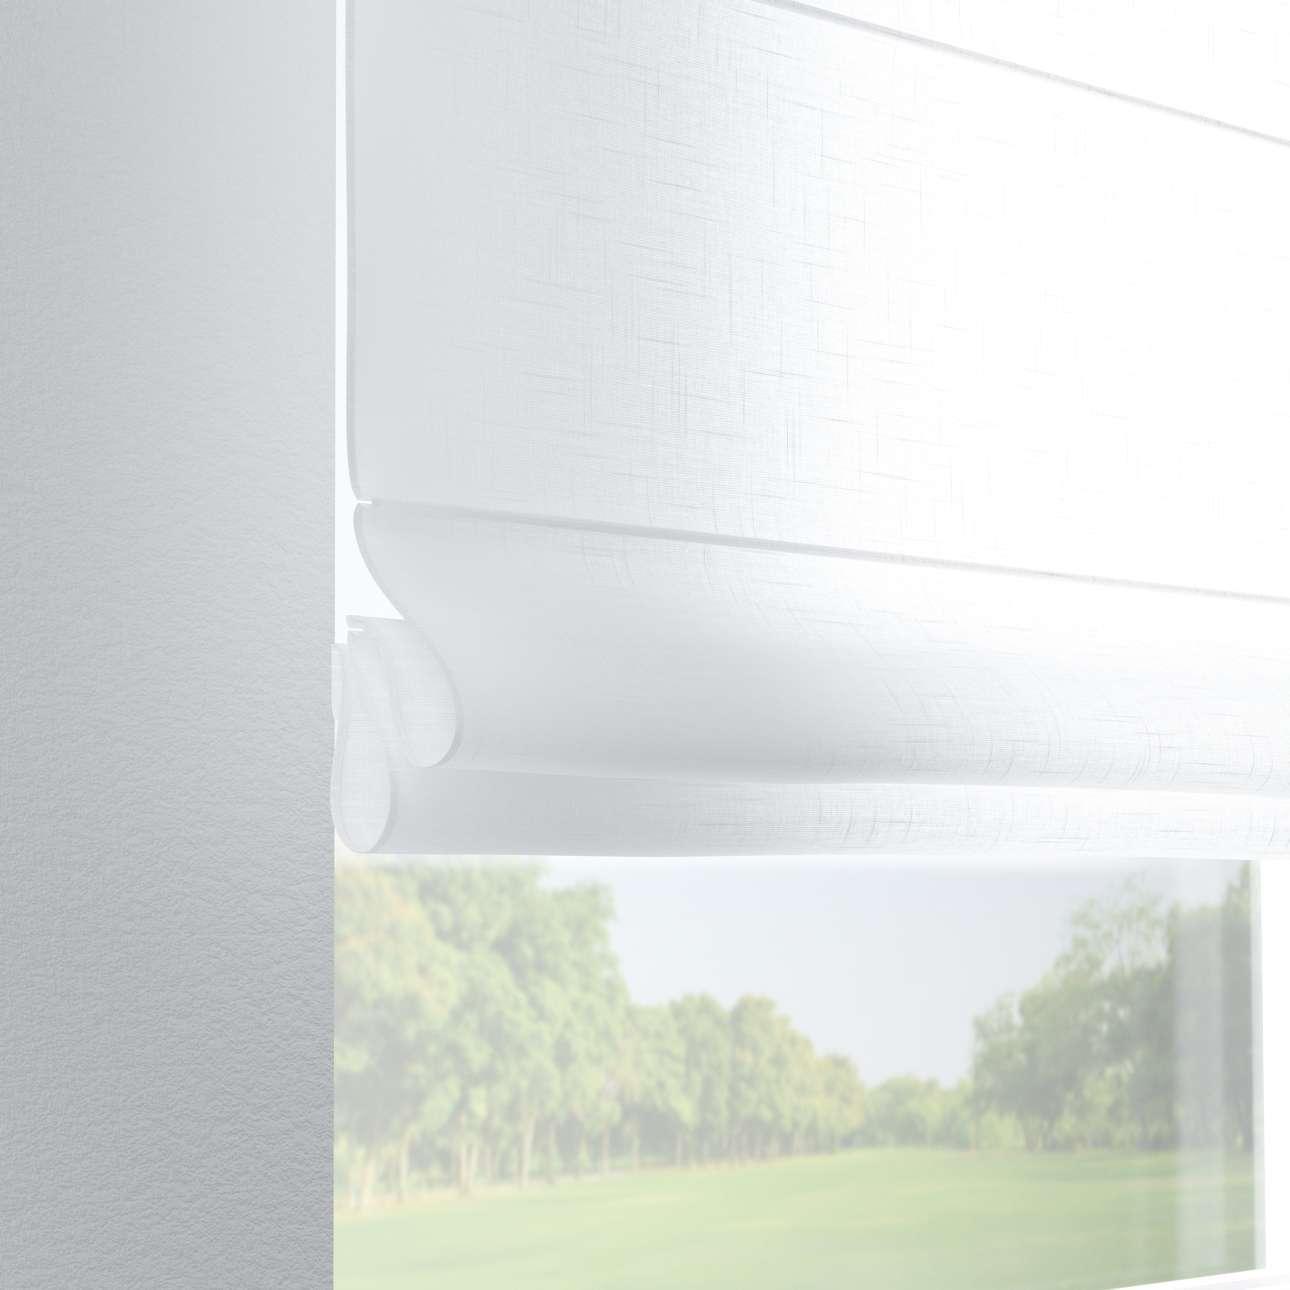 Foldegardin Verona<br/>Med stropper til gardinstang 80 x 170 cm fra kollektionen Romantik, Stof: 128-77